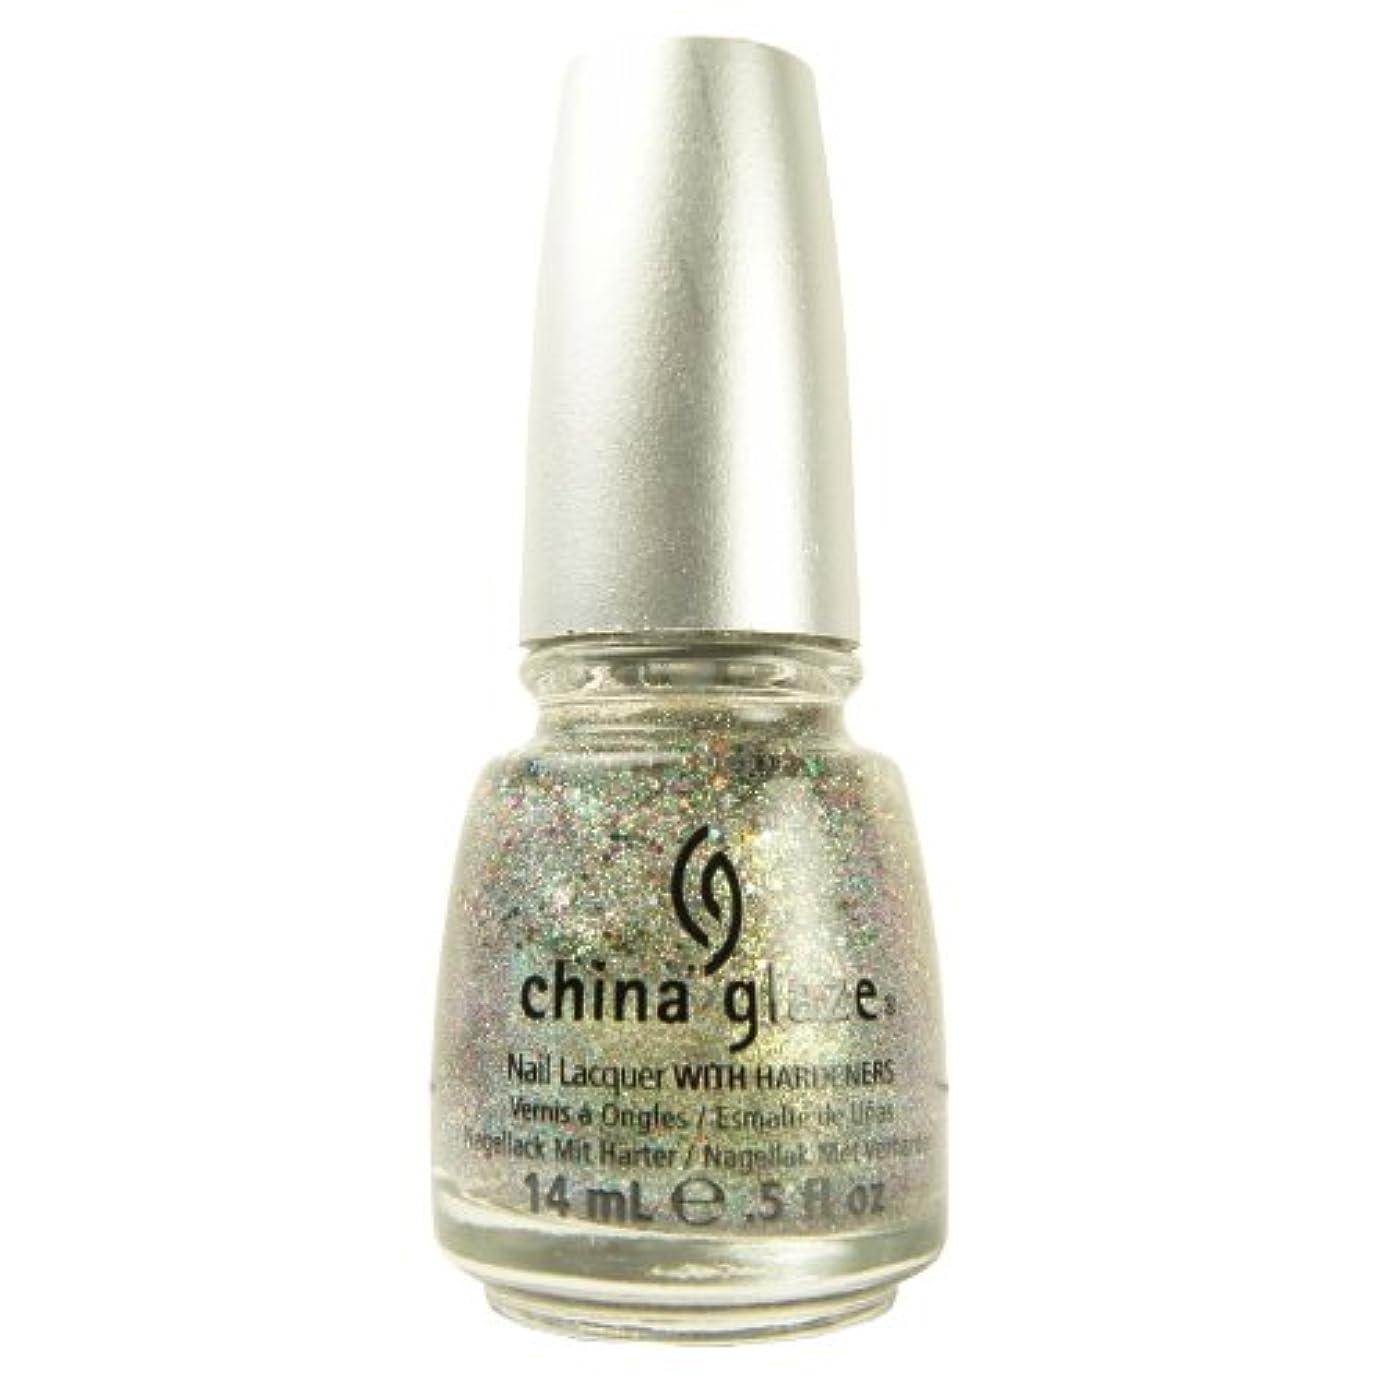 心臓ラフレシアアルノルディマットレス(6 Pack) CHINA GLAZE Glitter Nail Lacquer with Nail Hardner - Ray-Diant (DC) (並行輸入品)